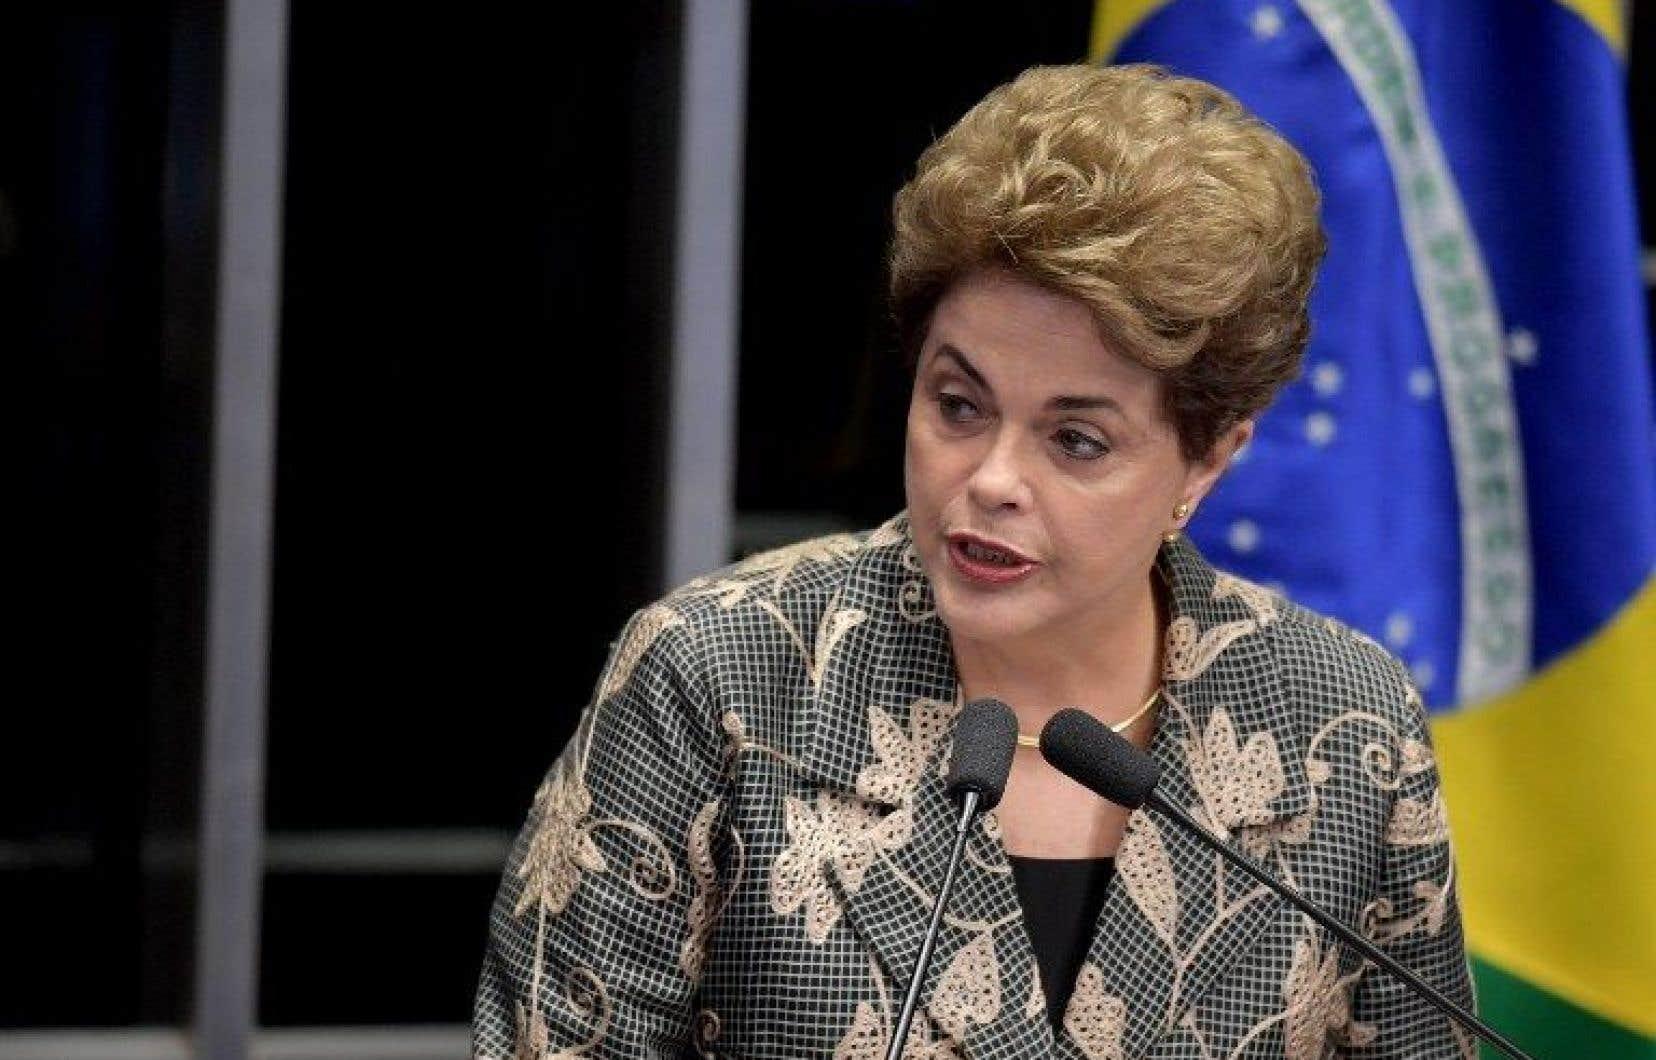 Si Dilma Rousseff est écartée du pouvoir, elle ne pourra plus occuper de fonctions publiques pendant huit ans.